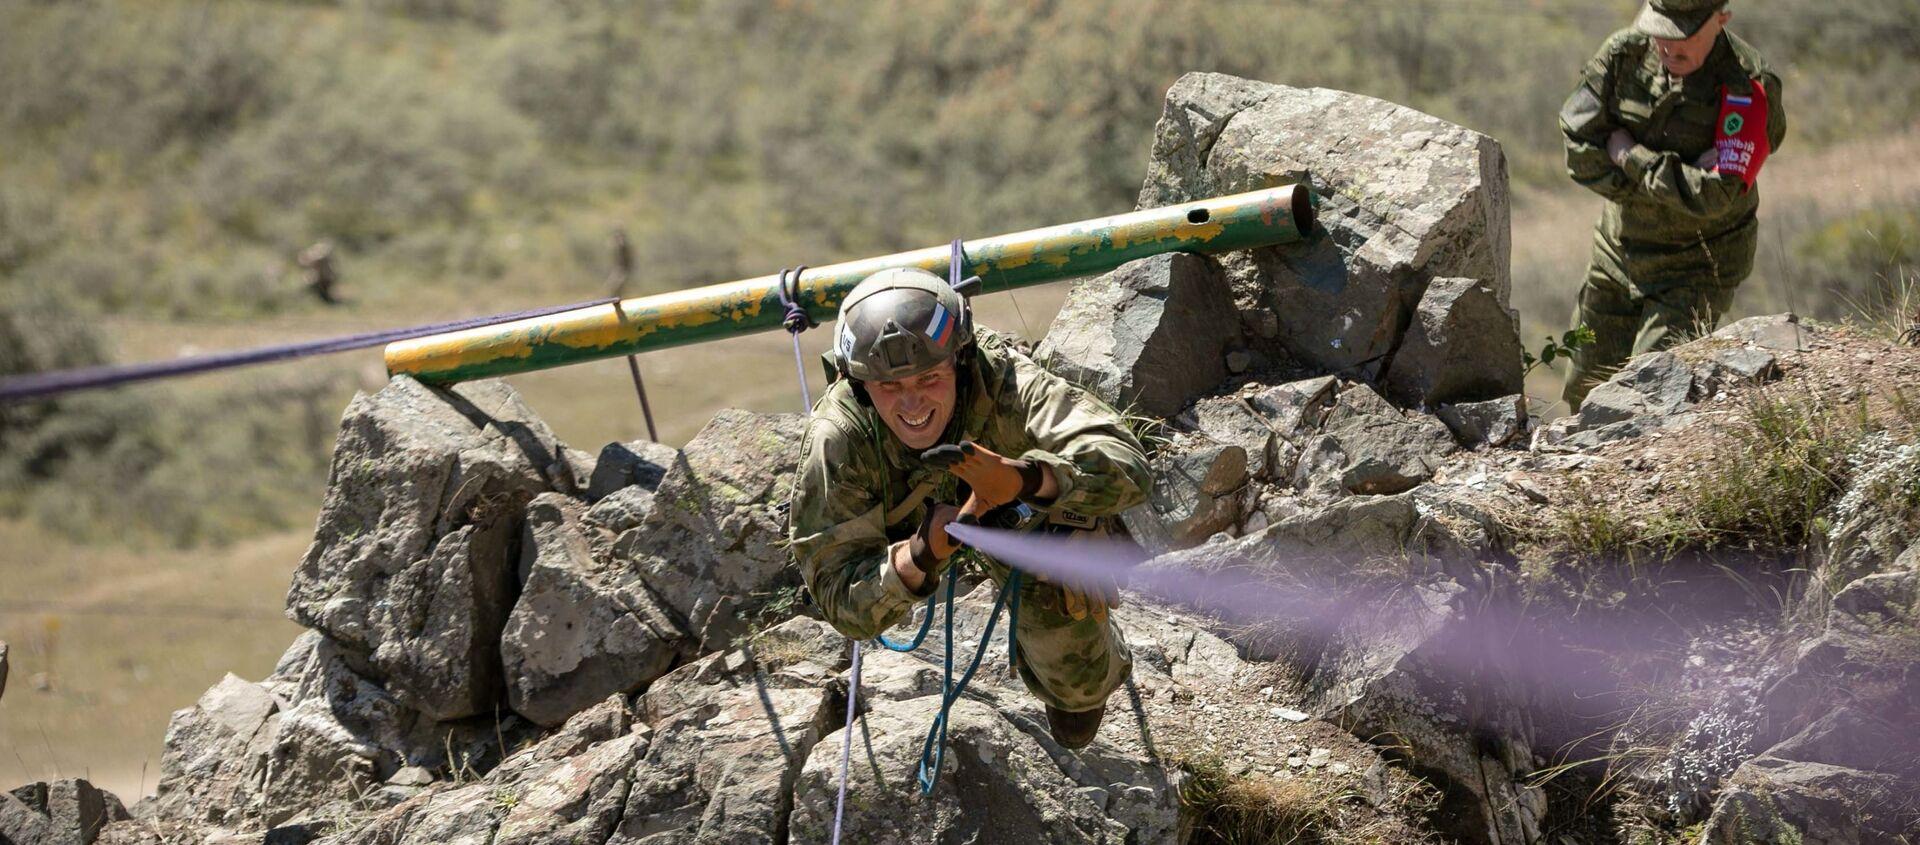 Военнослужащие Китая и Абхазии опробовали горную полосу препятствий и стрельбище в рамках подготовки к «Эльбрусскому кольцу-2021» - Sputnik Абхазия, 1920, 17.08.2021